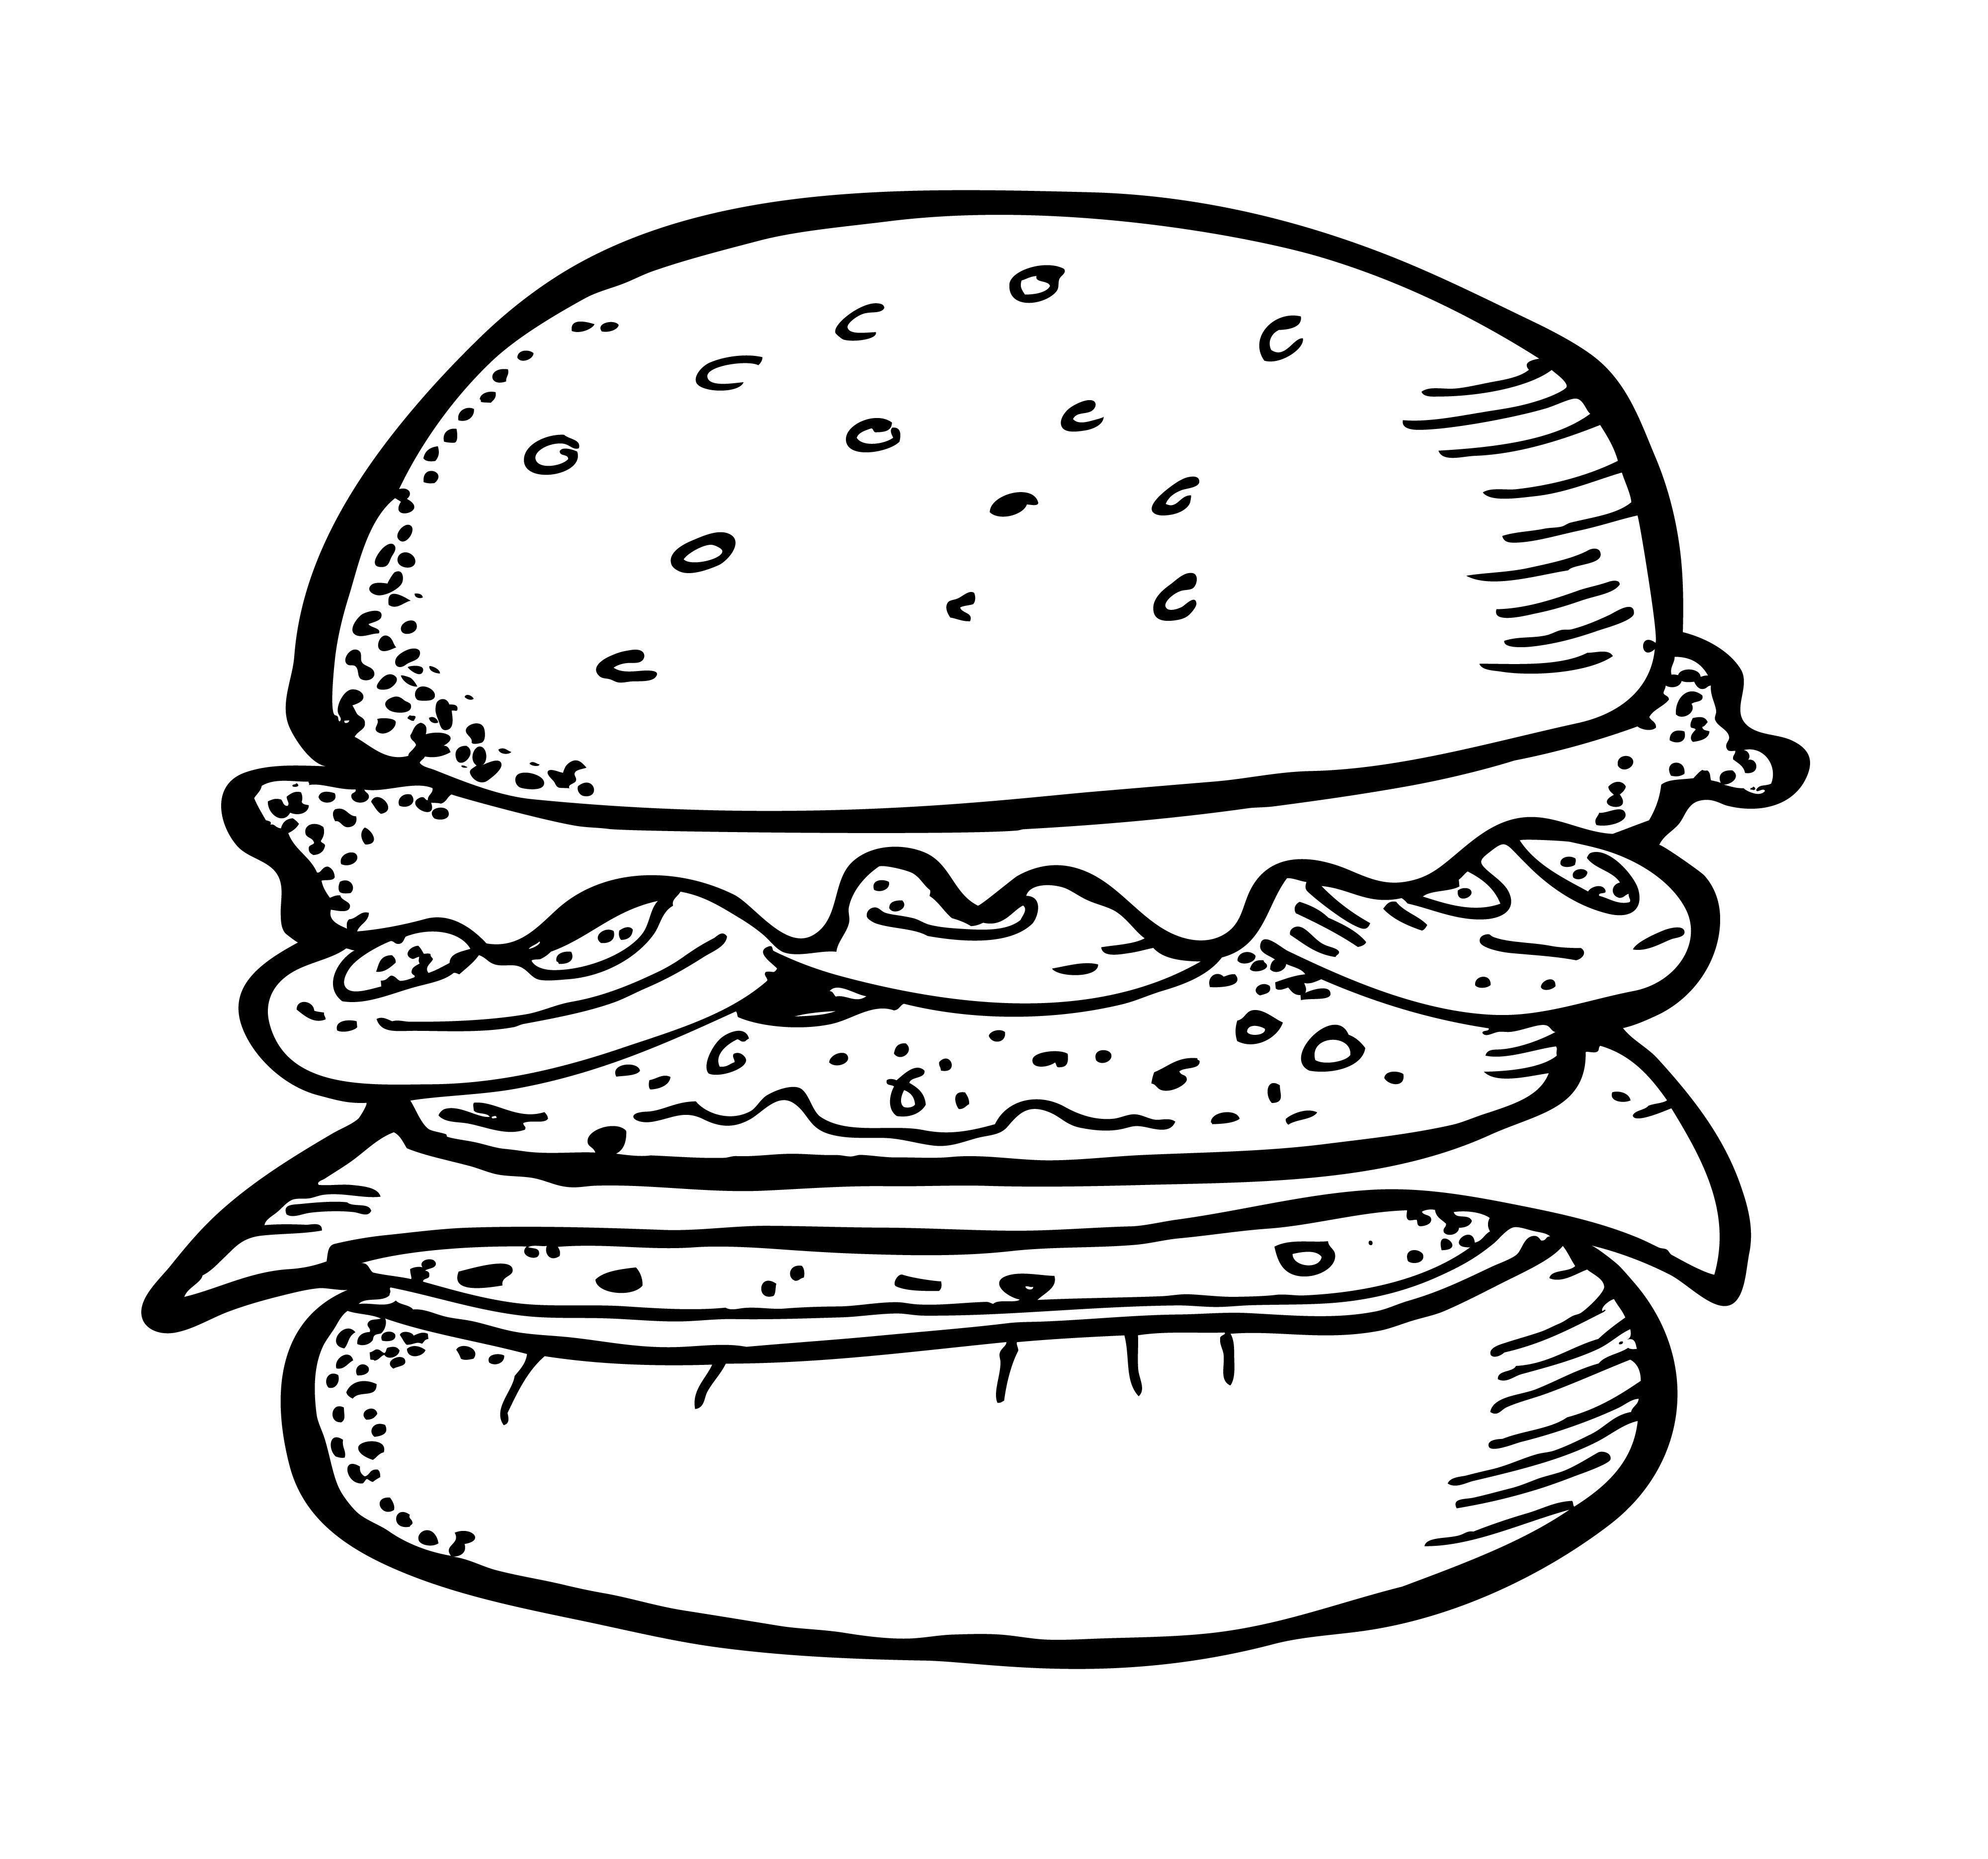 Burger And Fries Drawing Burger And Fries Drawing Delux